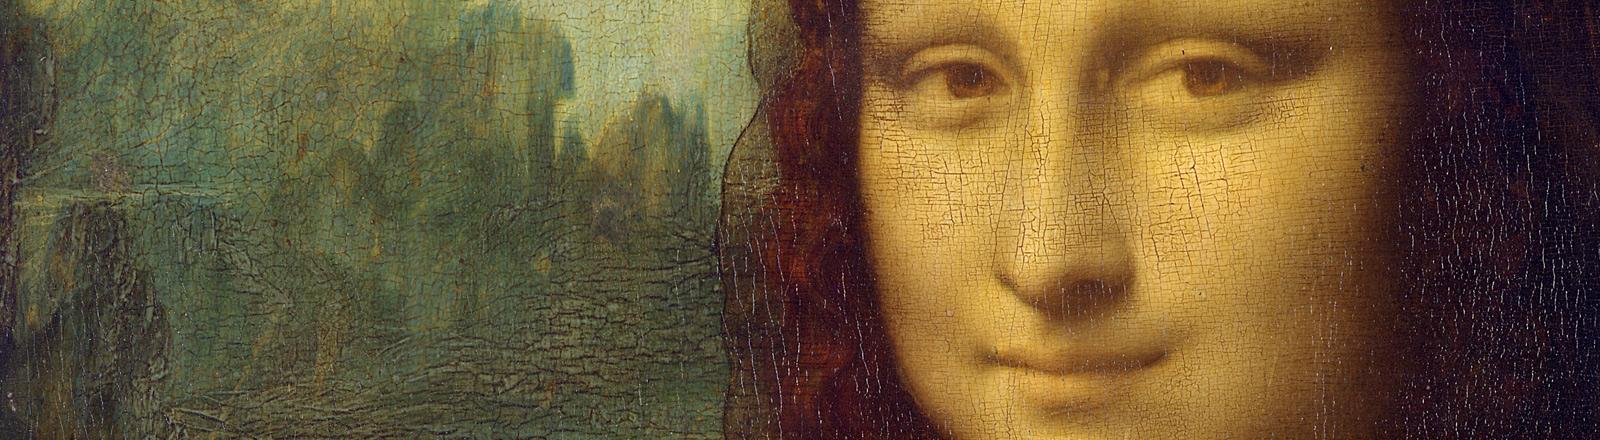 """Ein Ausschnitt des Bildes """"Mona Lisa"""" von Leonardo da Vinci."""